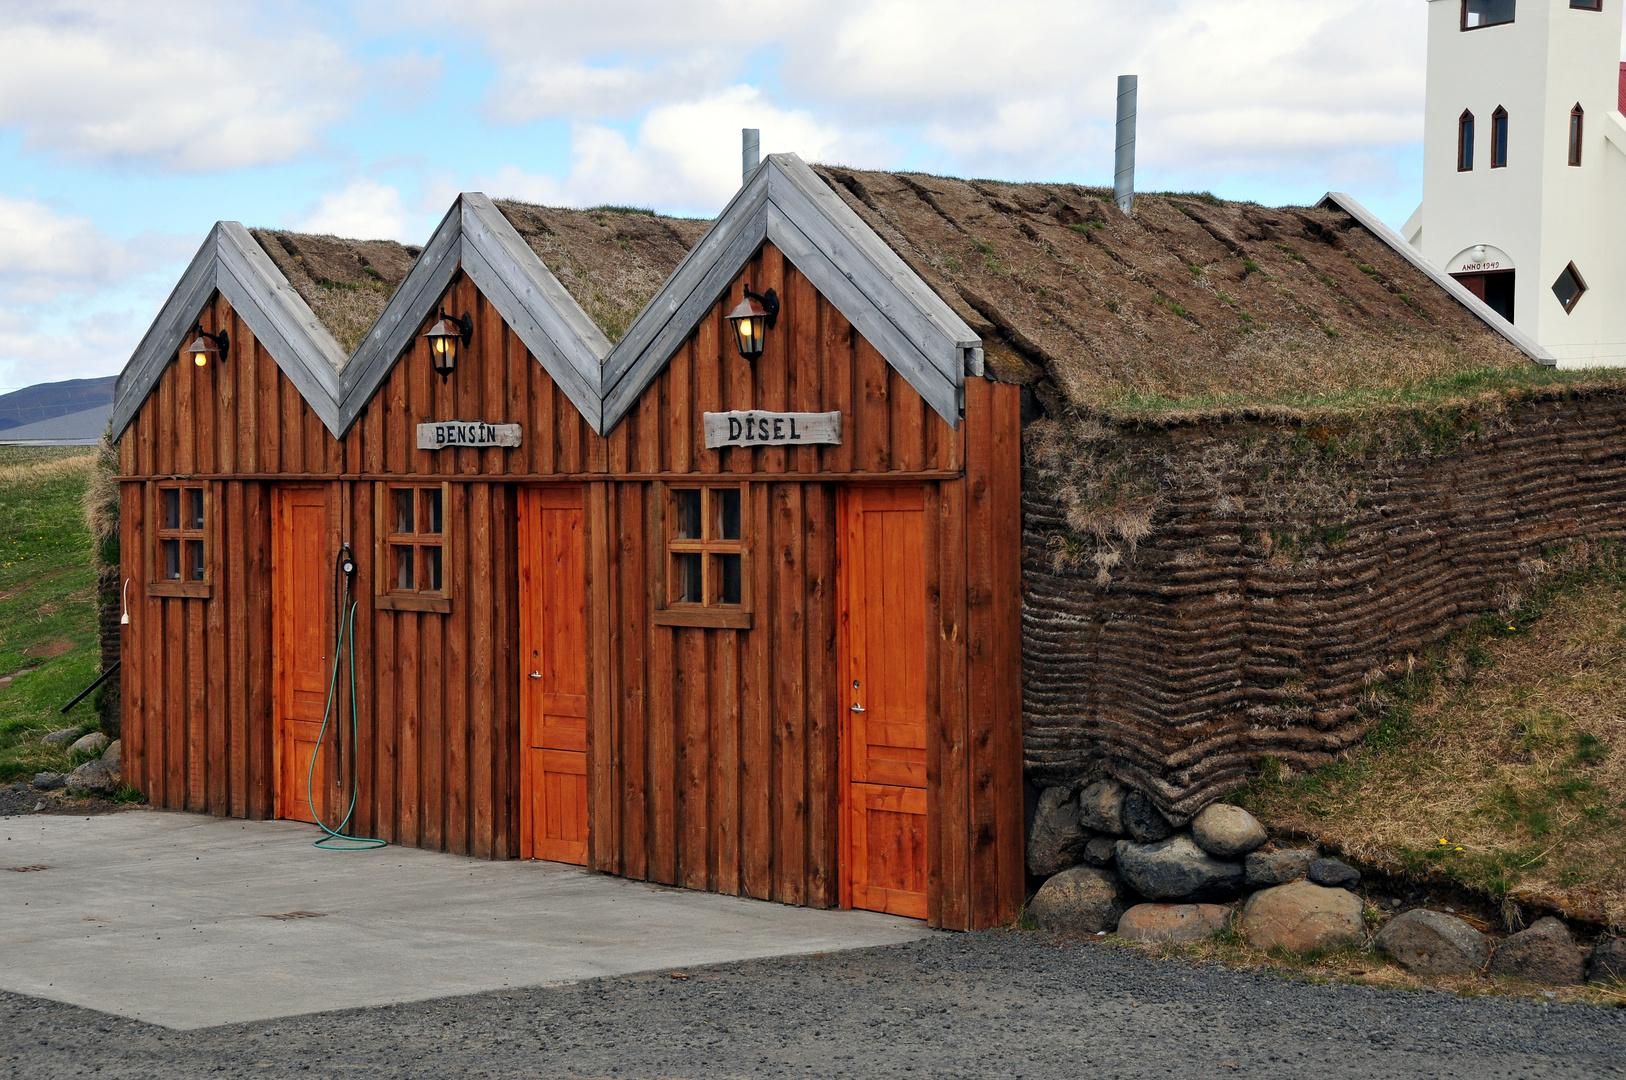 Eine Tankstelle in der Weite Islands - Achtung! Torfdach - Nicht rauchen!